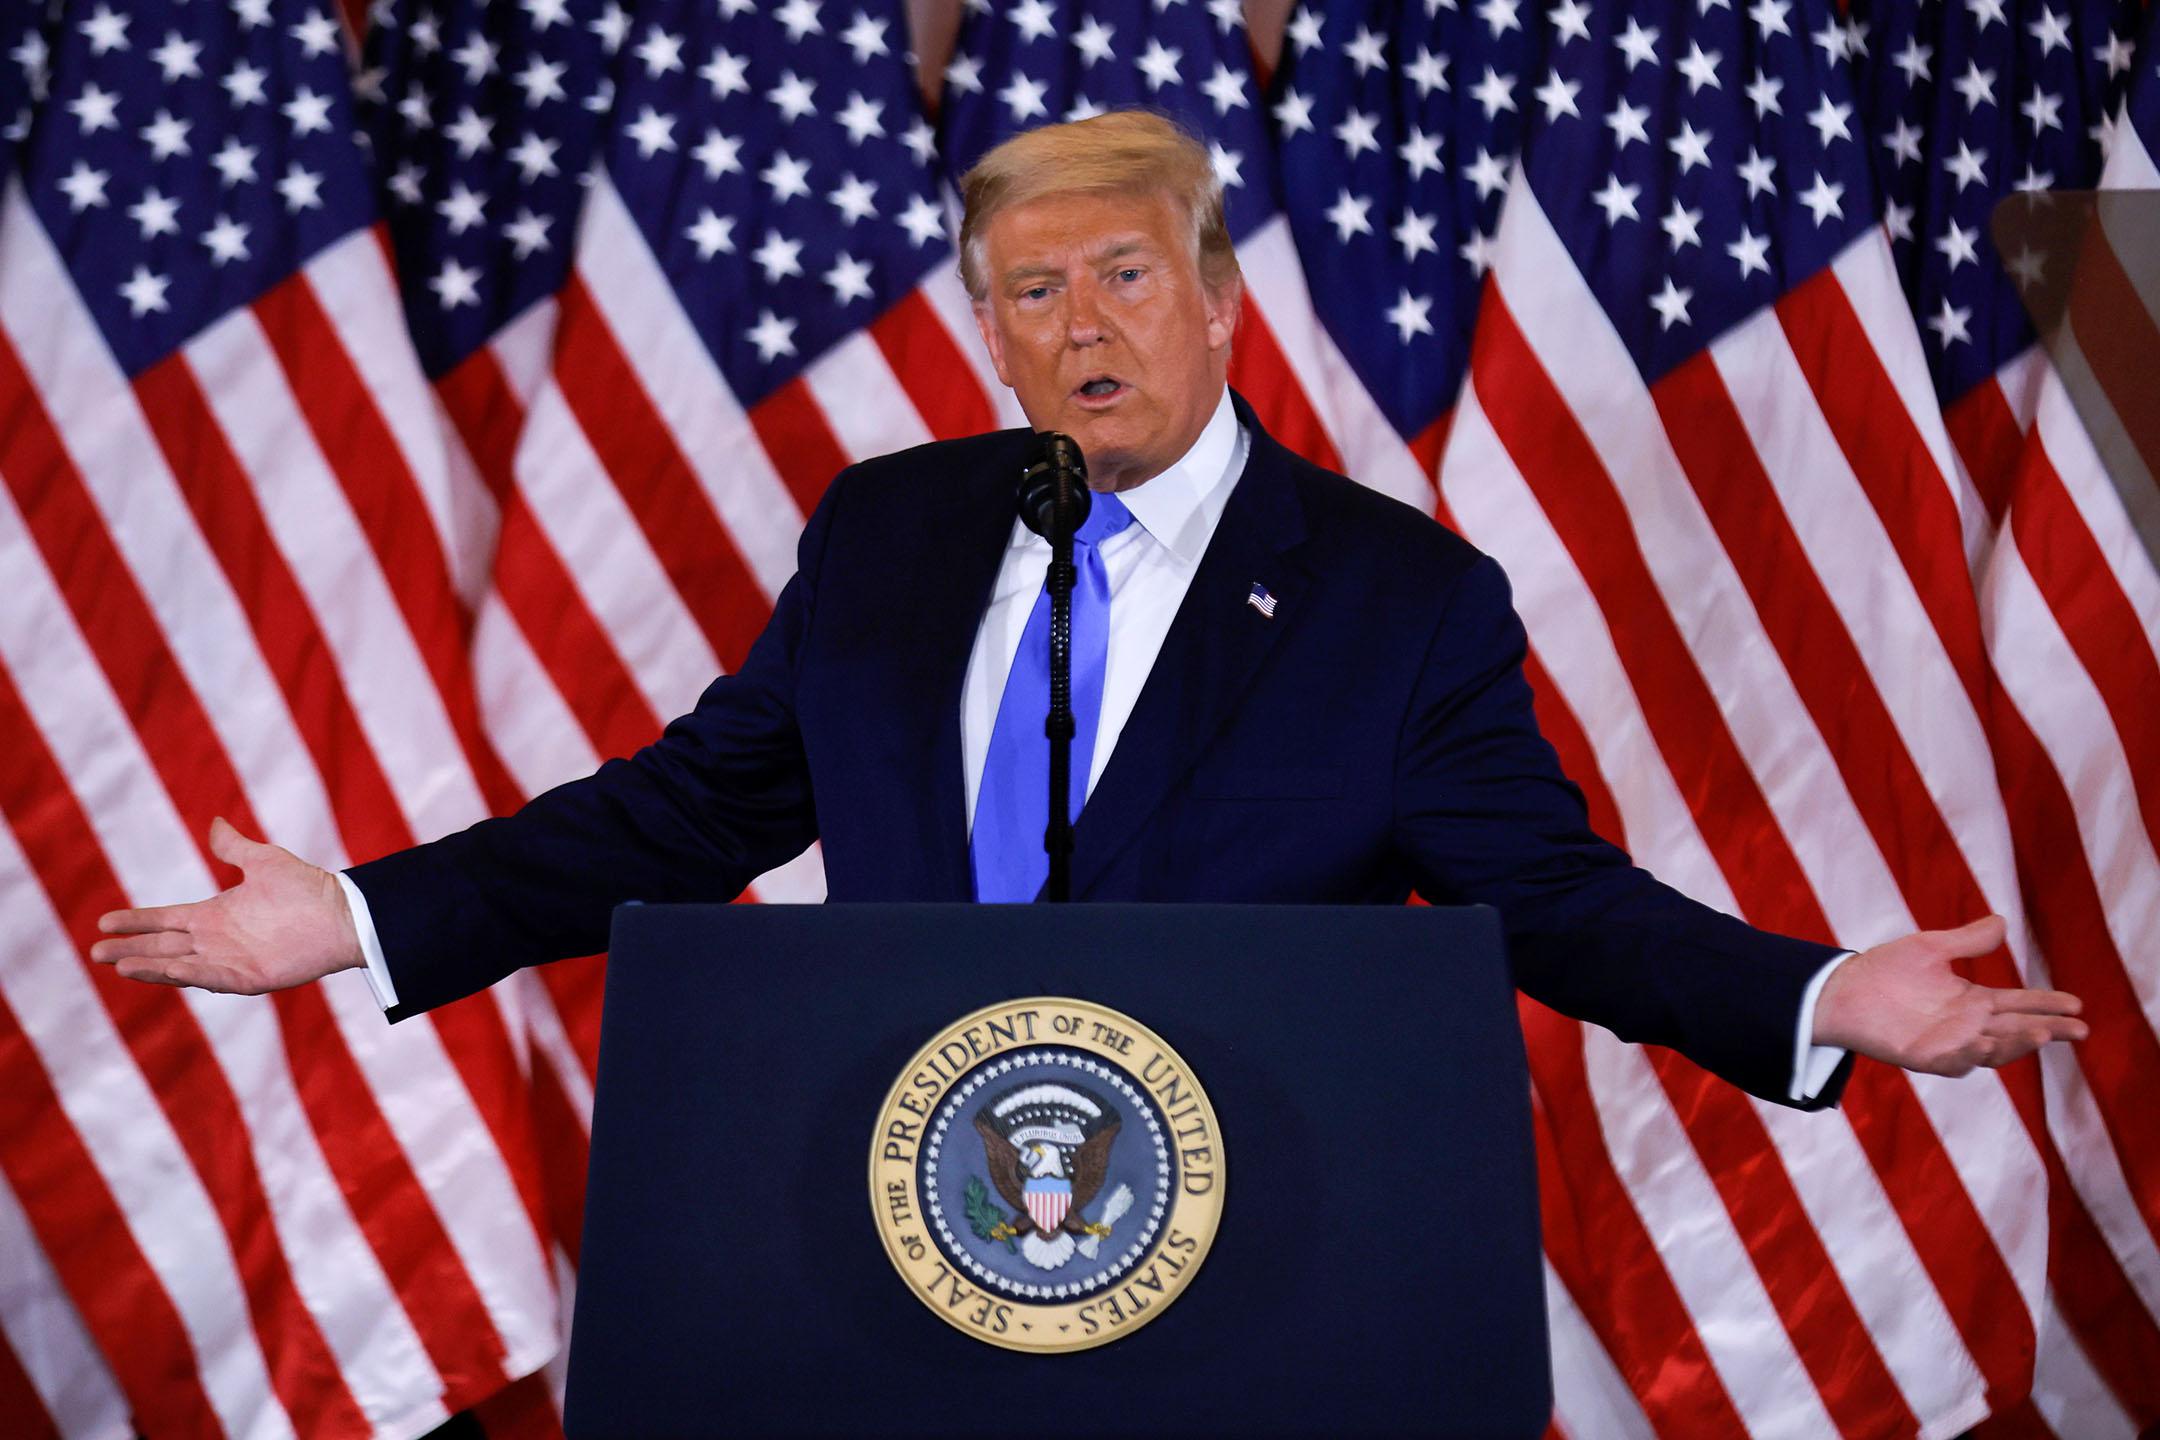 2020年11月4日美國華盛頓白宮,美國總統特朗普就美國總統大選的初步結果發表講話。